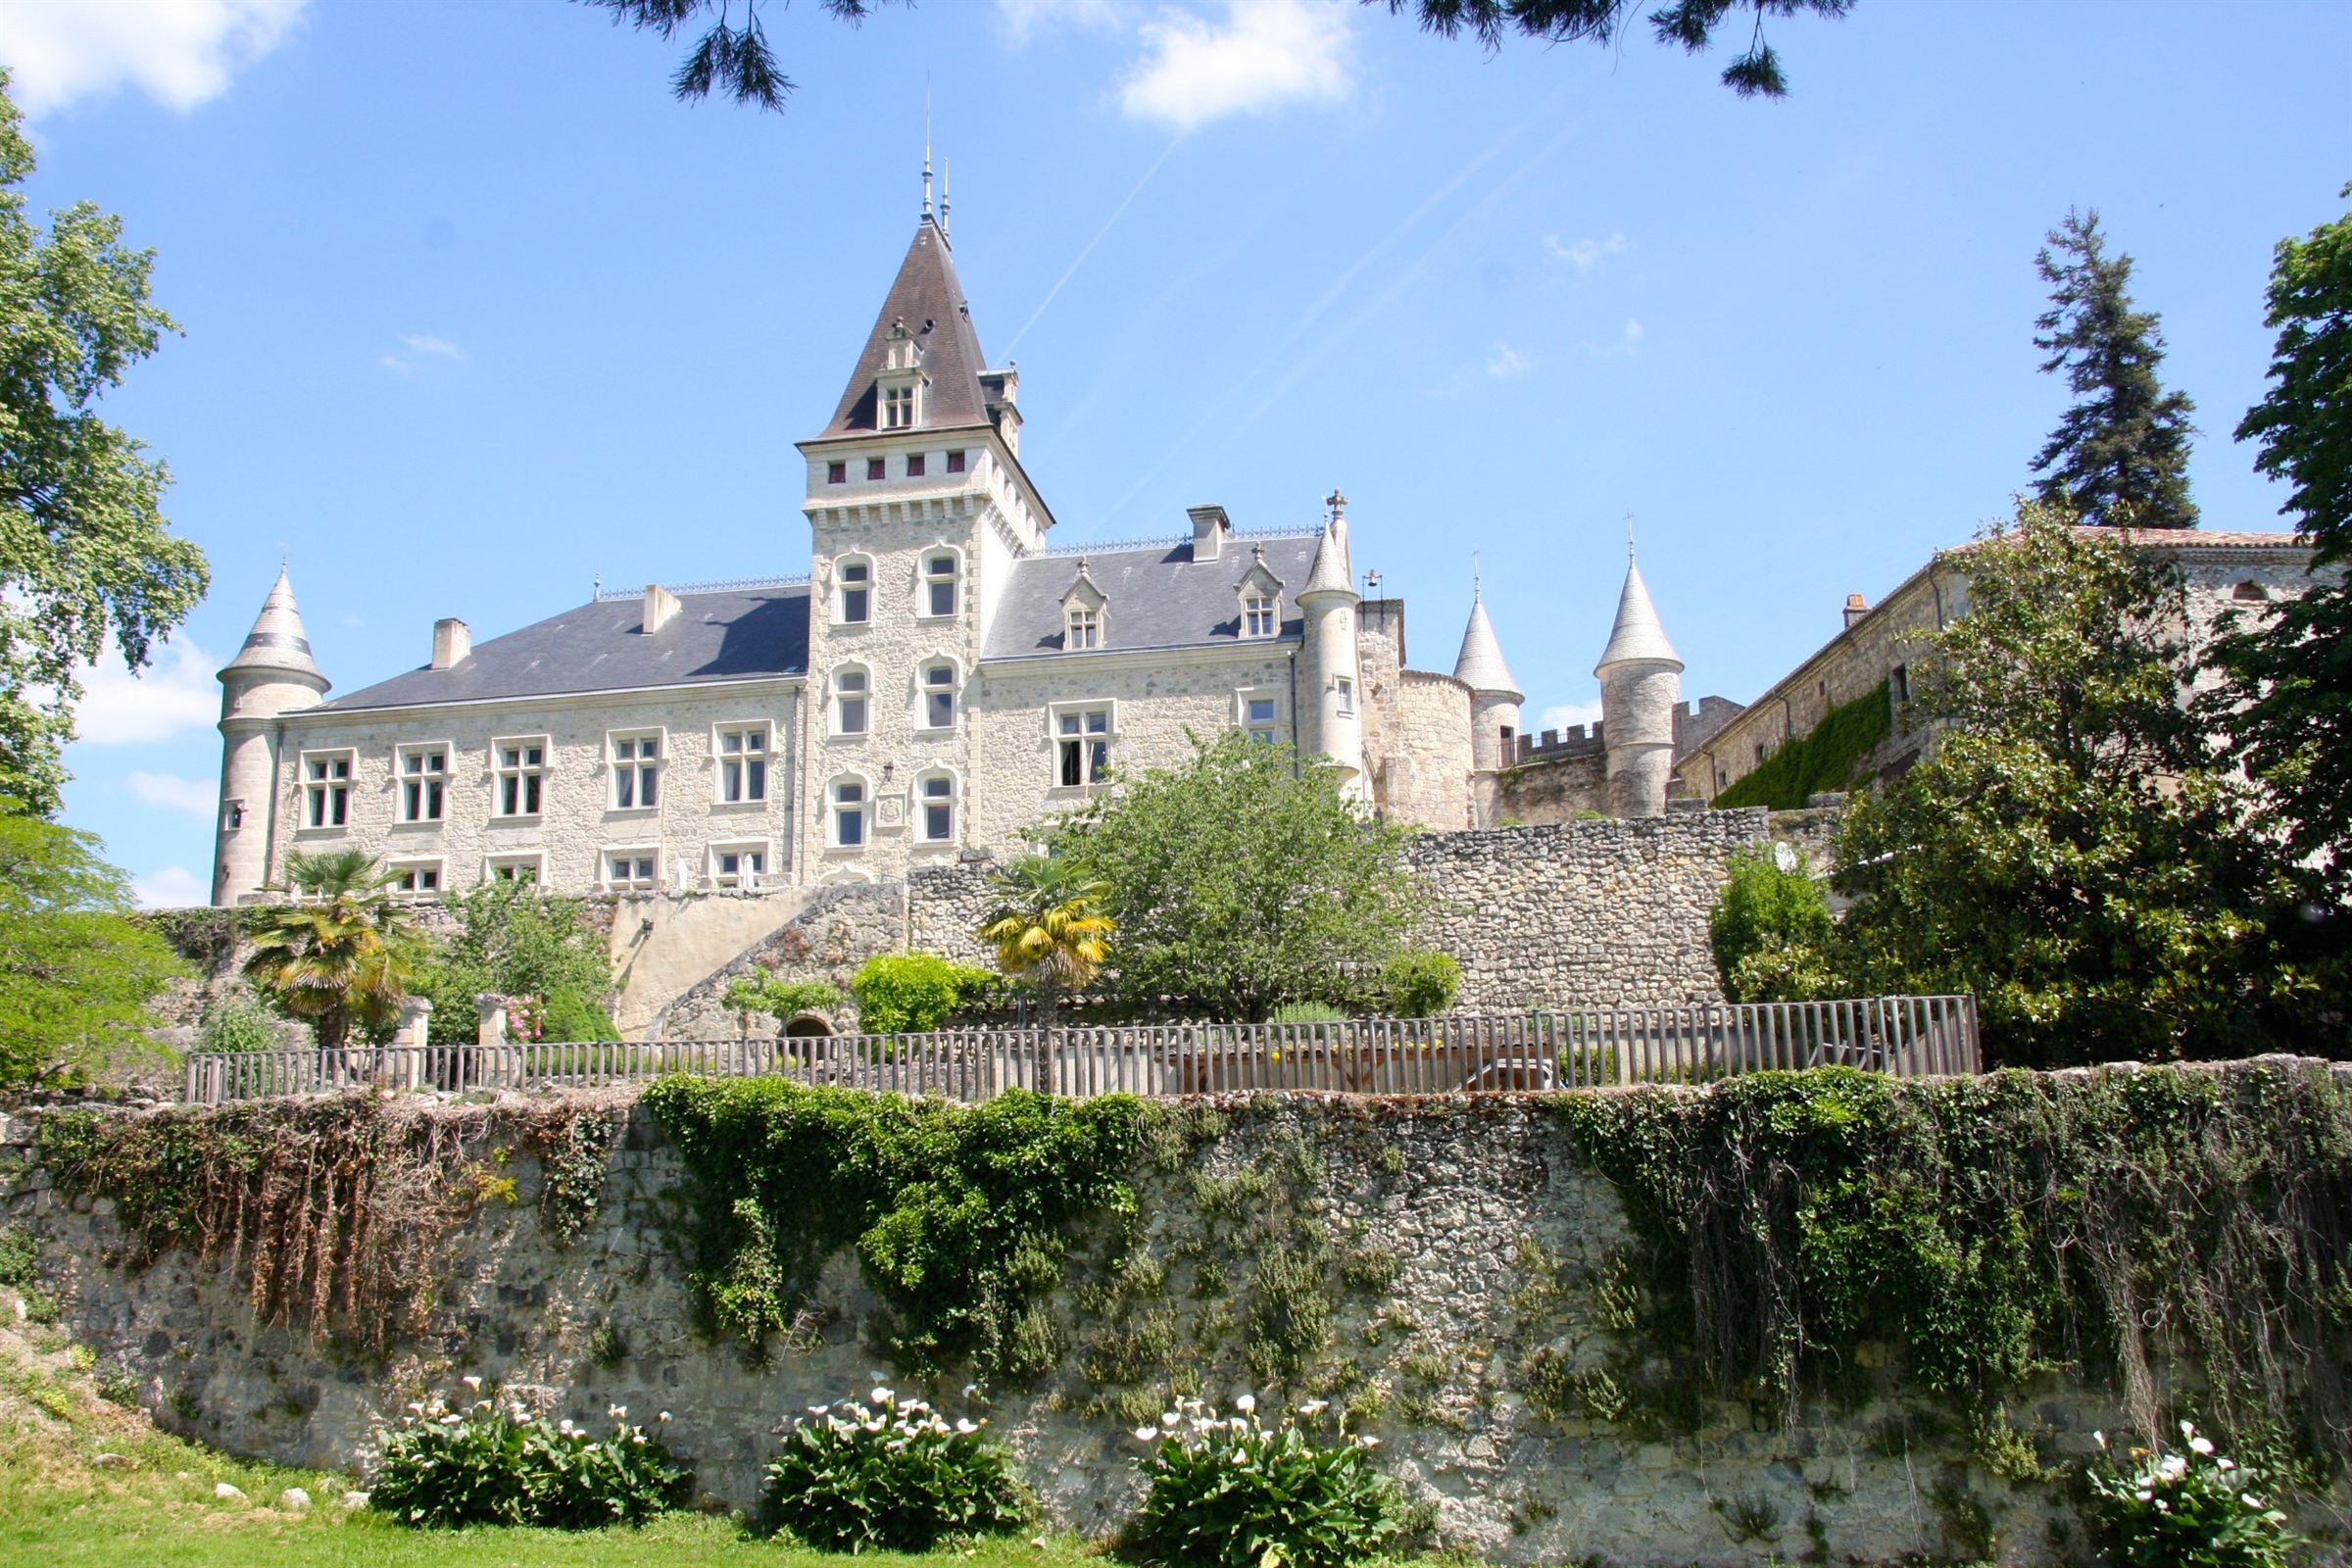 Property For Sale at Château XII° Siècle - 350 ha - Propriété exceptionnelle